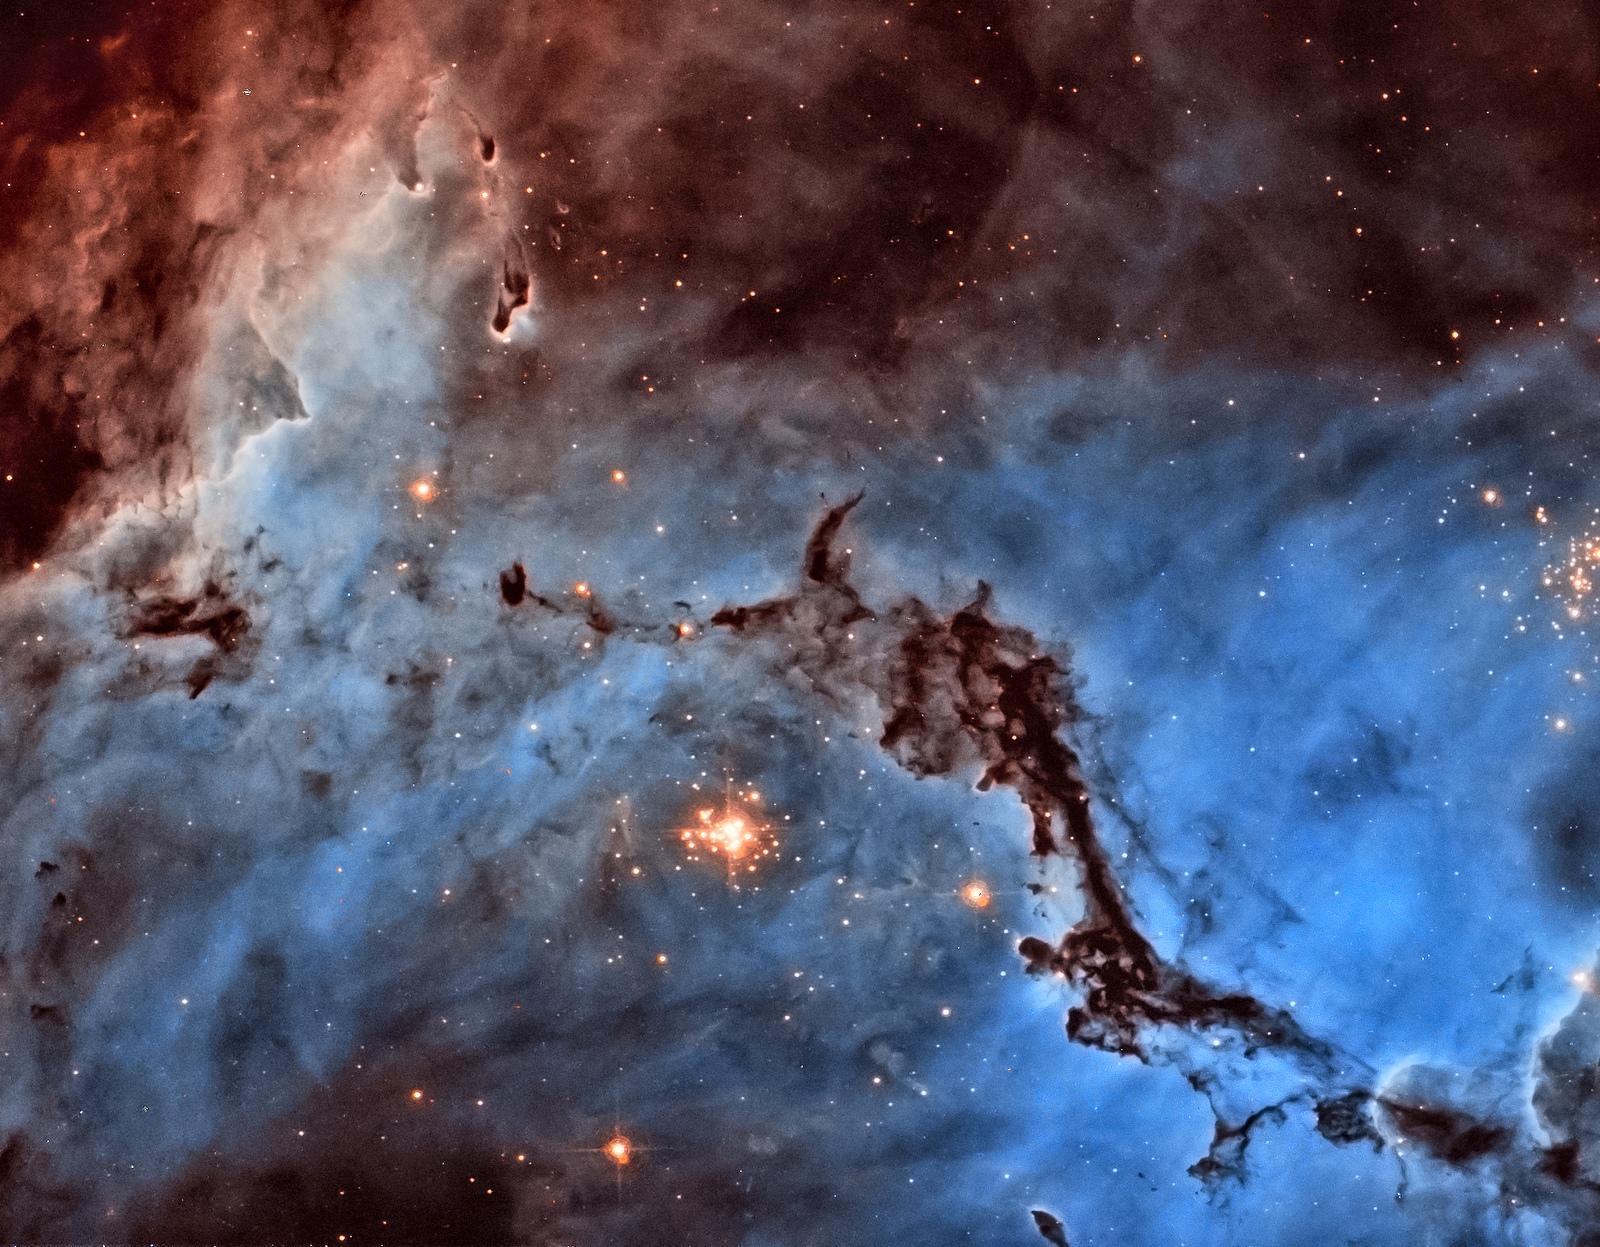 Des étoiles et de la poussière